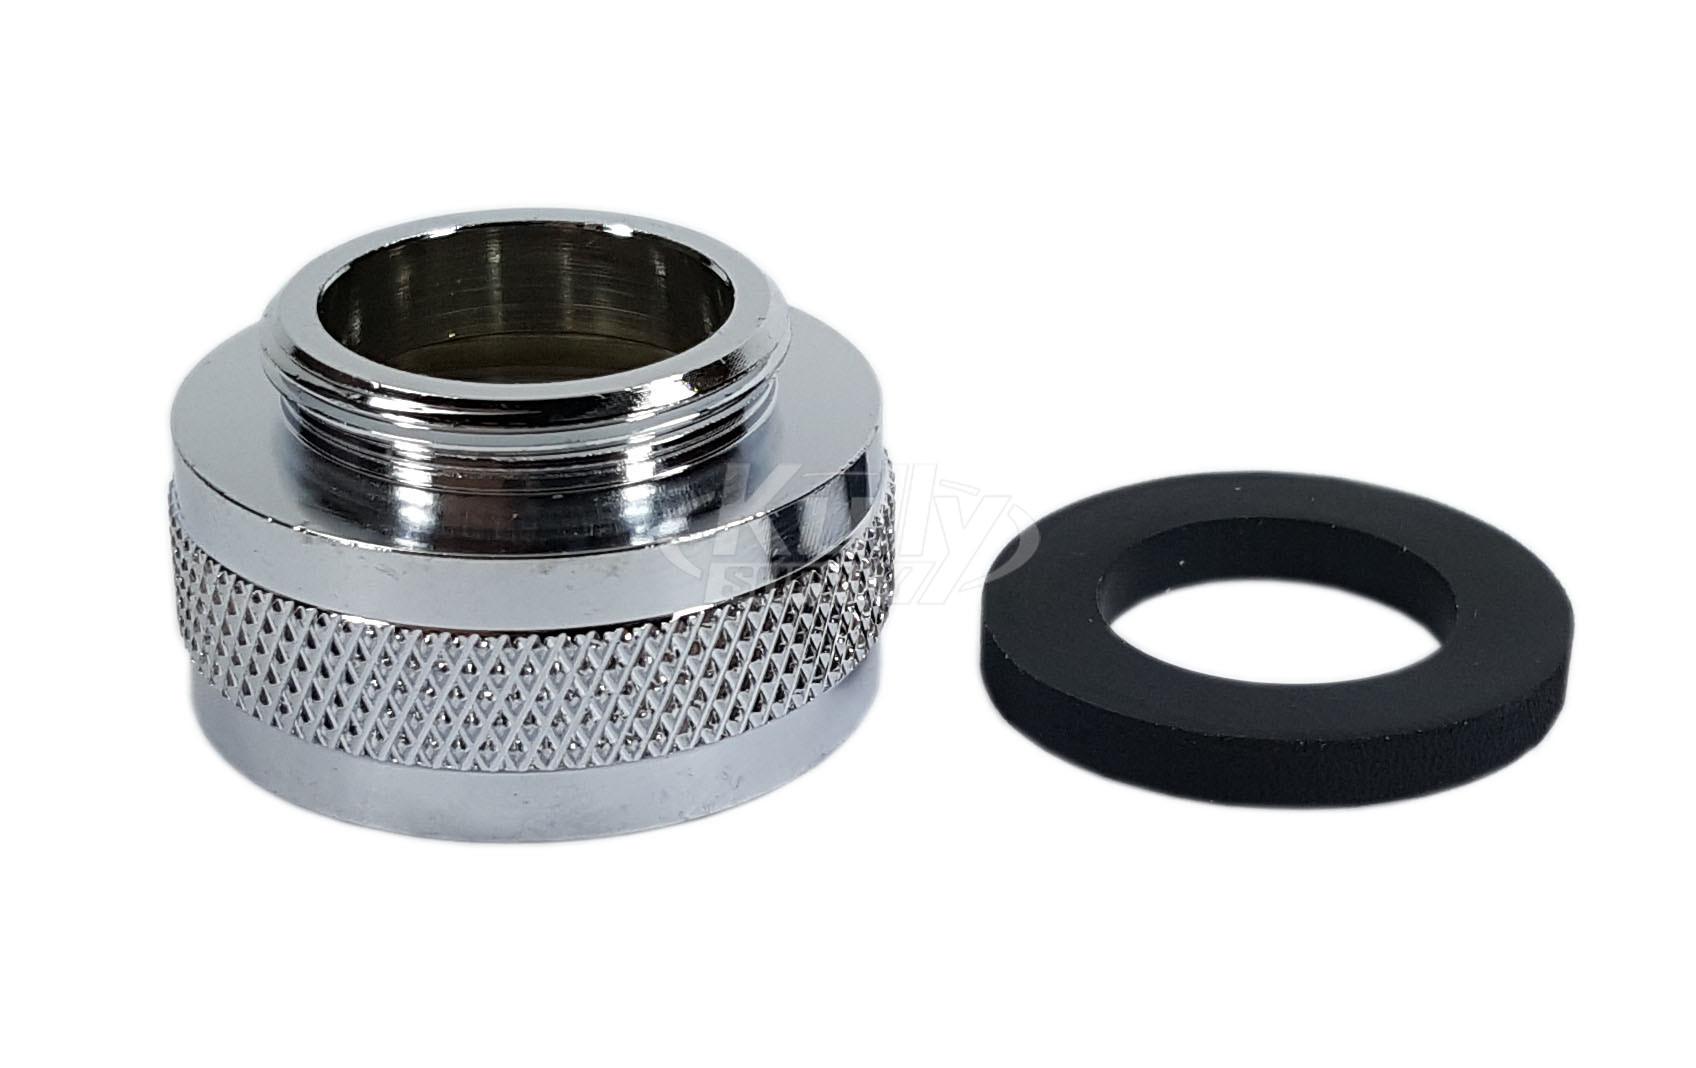 Bradley 153 401 Faucet Adapter 3 4 Quot 11 1 2 Kullysupply Com